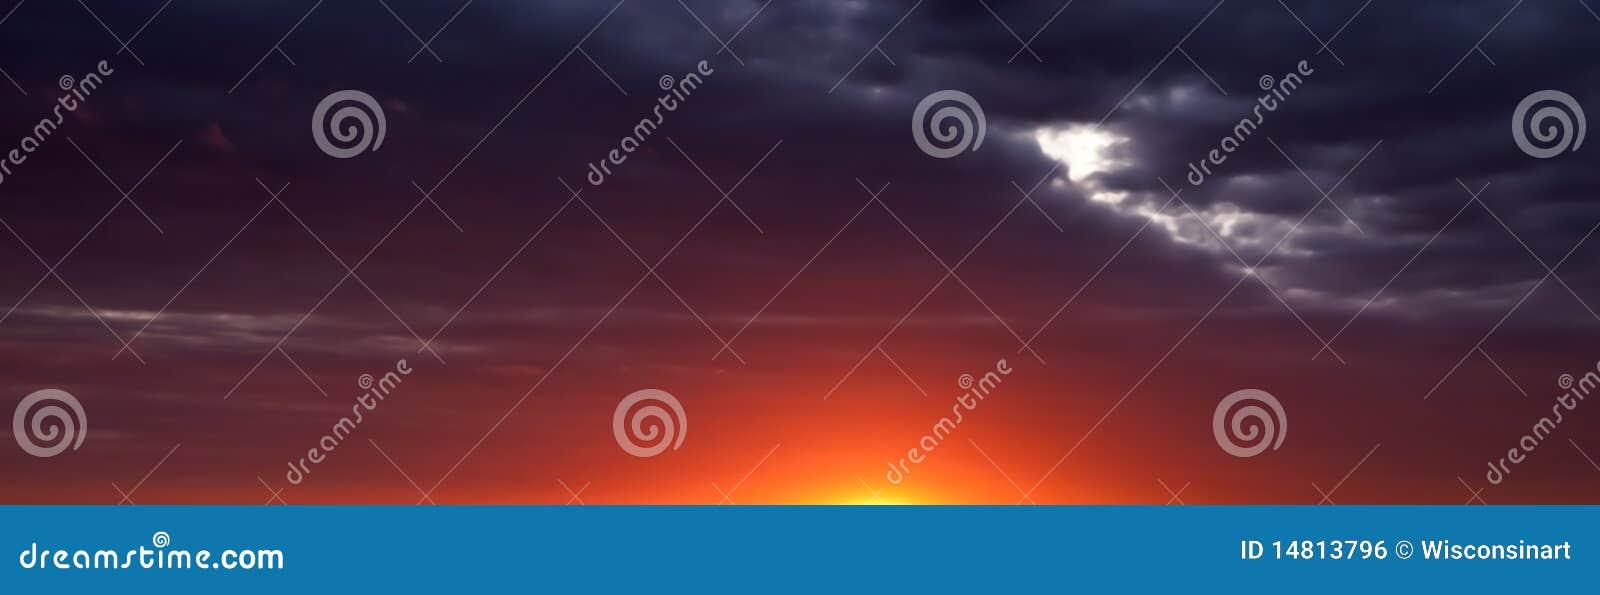 Abstrakcjonistycznej sztandaru panoramy panoramiczny wschód słońca zmierzch